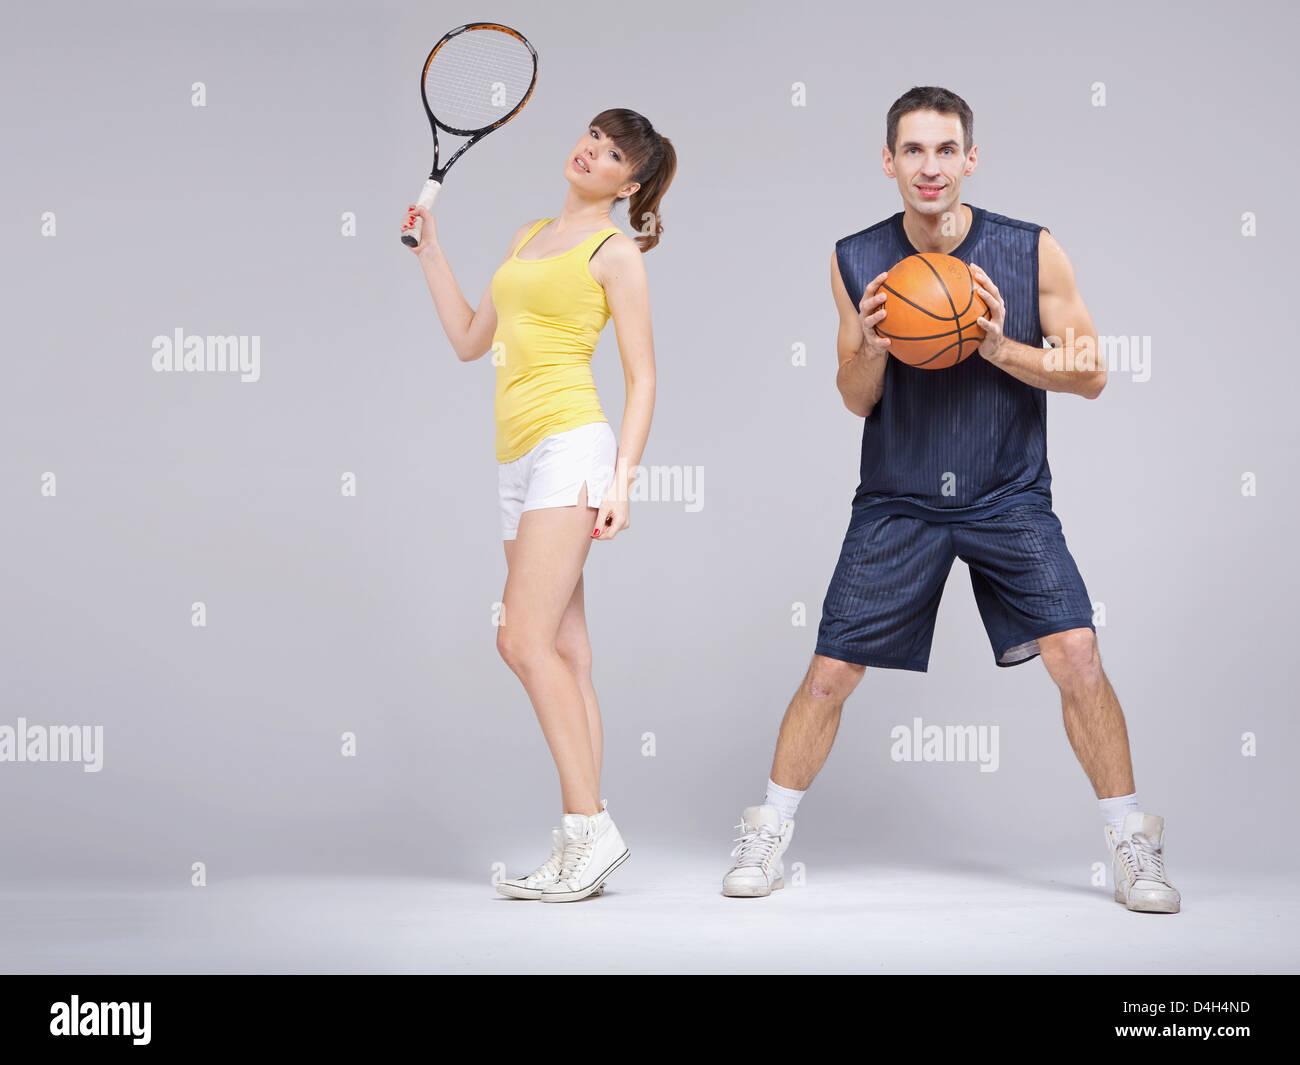 Athletic coppia giovane durante il corso di formazione Immagini Stock